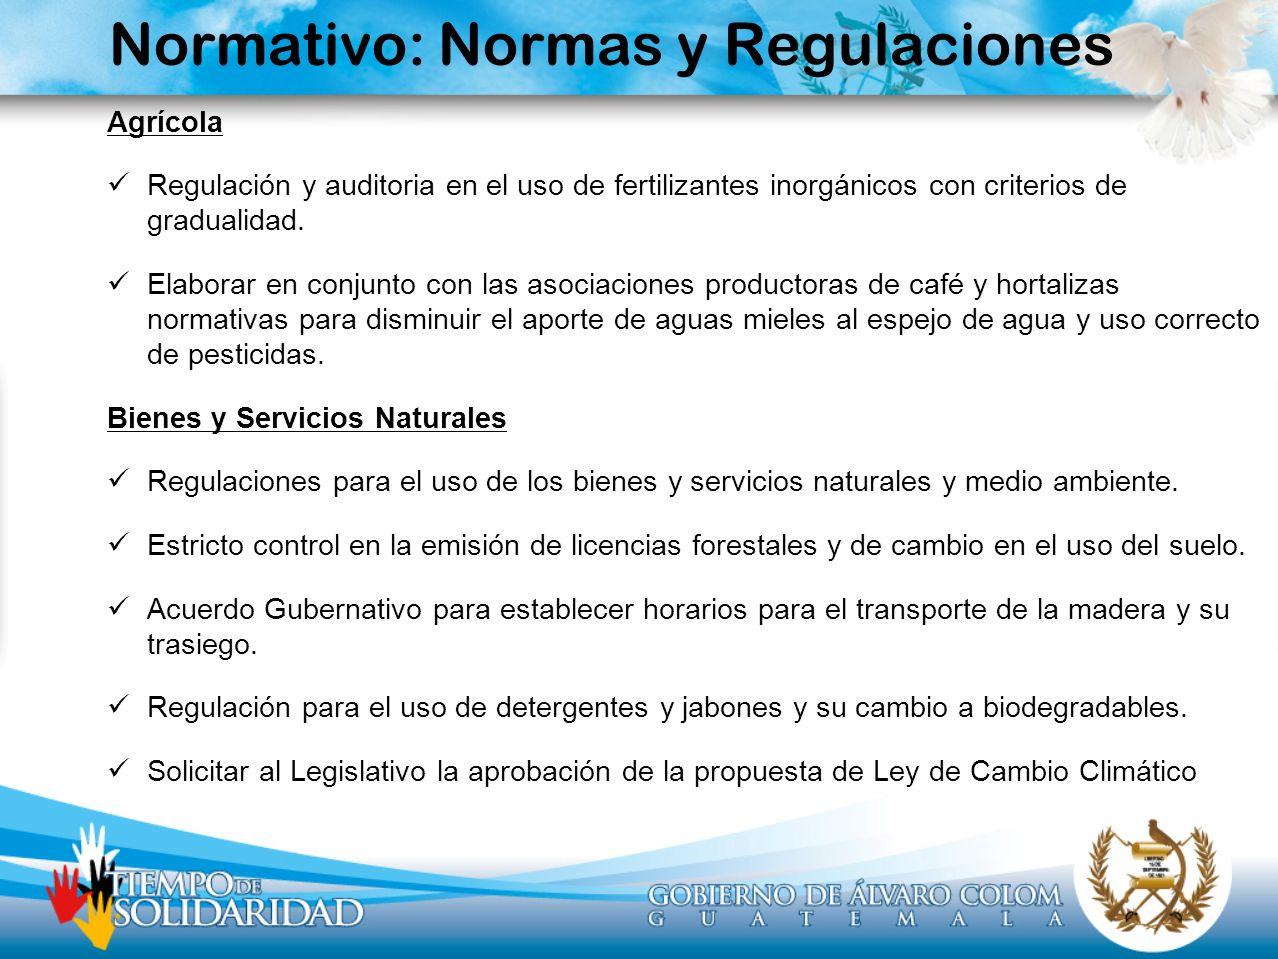 Normativo: Normas y Regulaciones